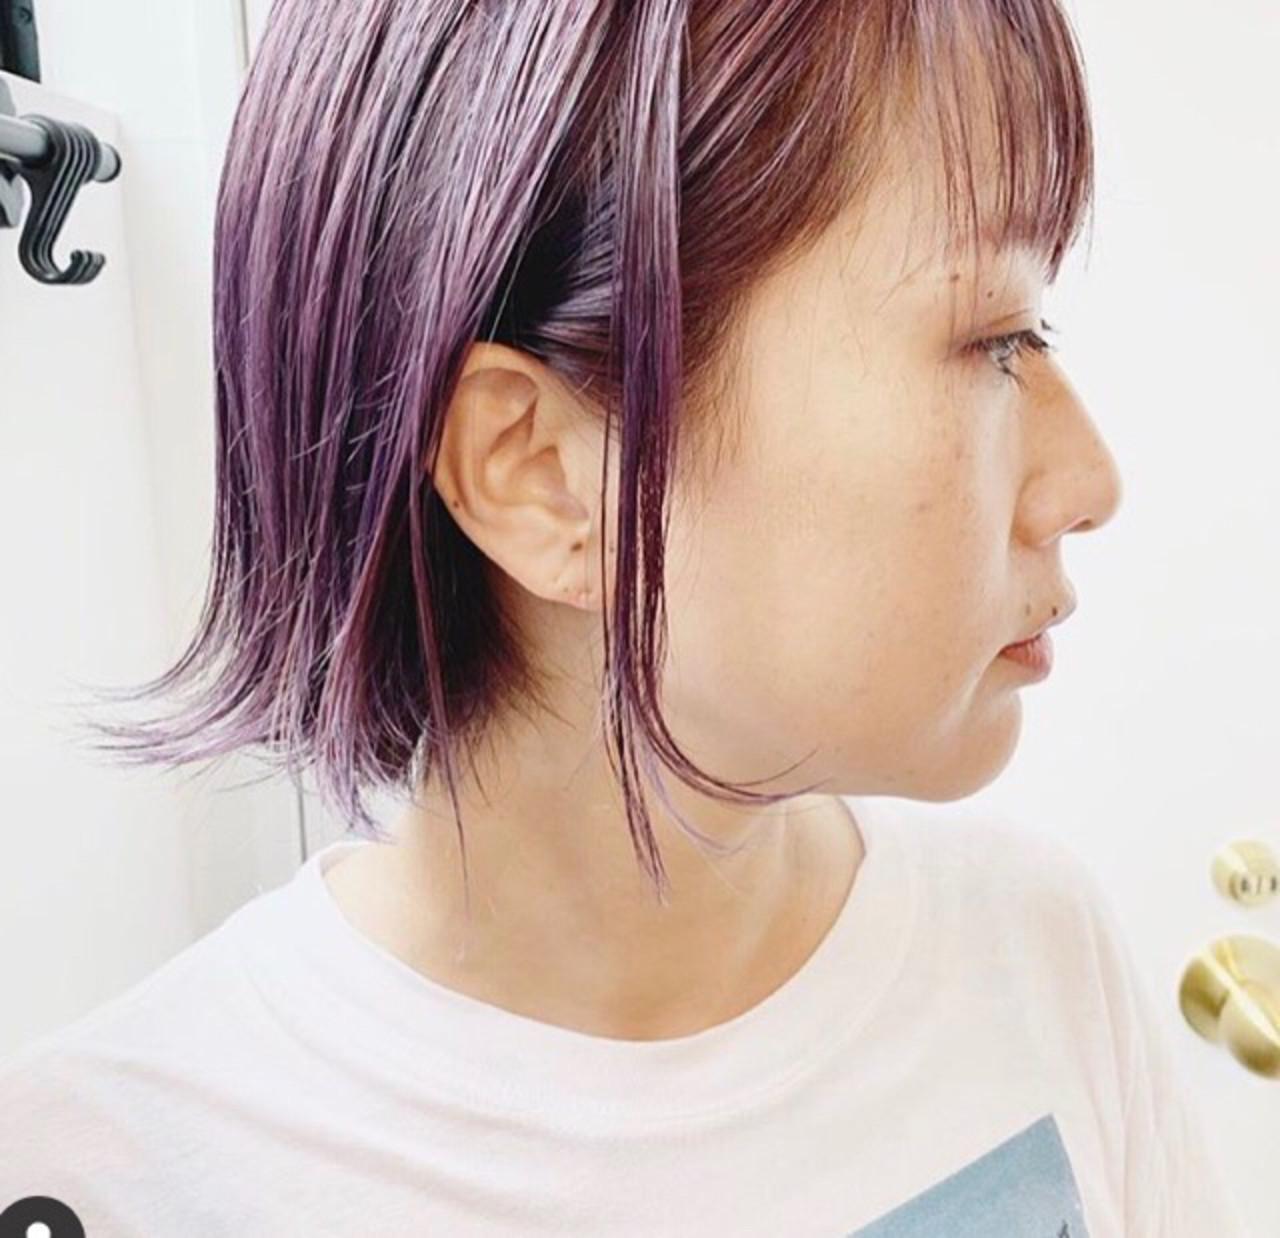 ラベンダーグレージュ ミルクティーグレージュ ラベンダーアッシュ ボブ ヘアスタイルや髪型の写真・画像